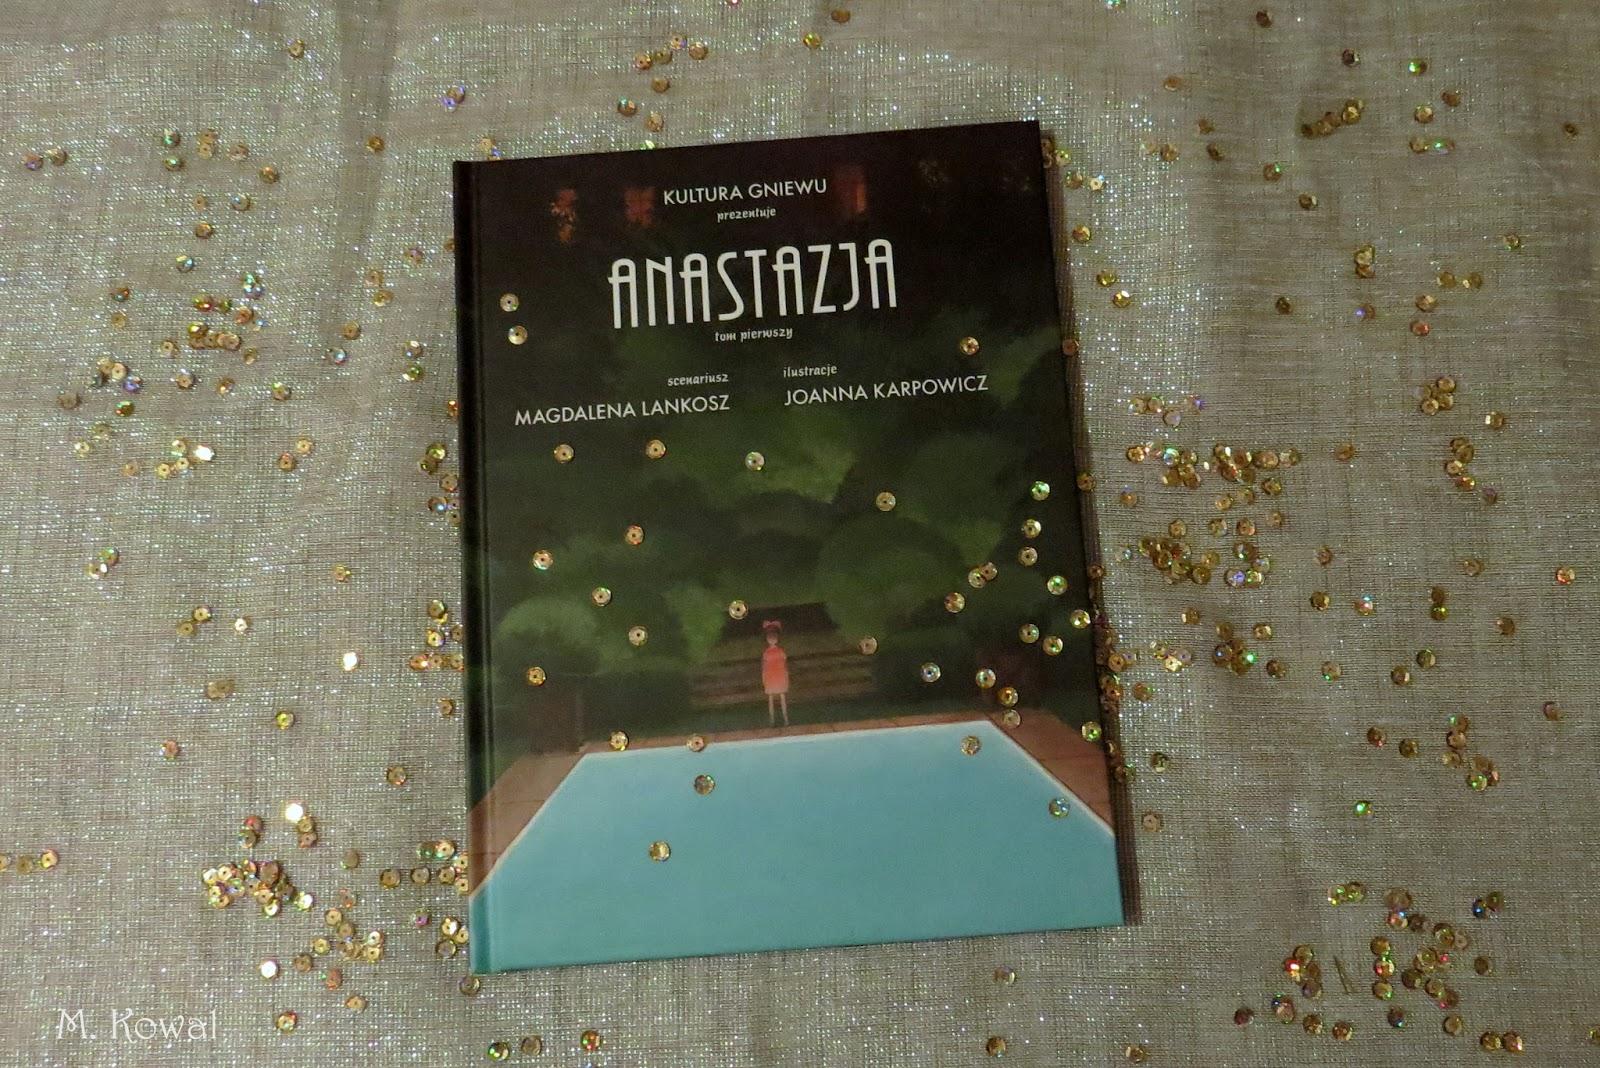 """American Nightmare, czyli """"Anastazja"""" Joanny Karpowicz i Magdaleny Lankosz"""